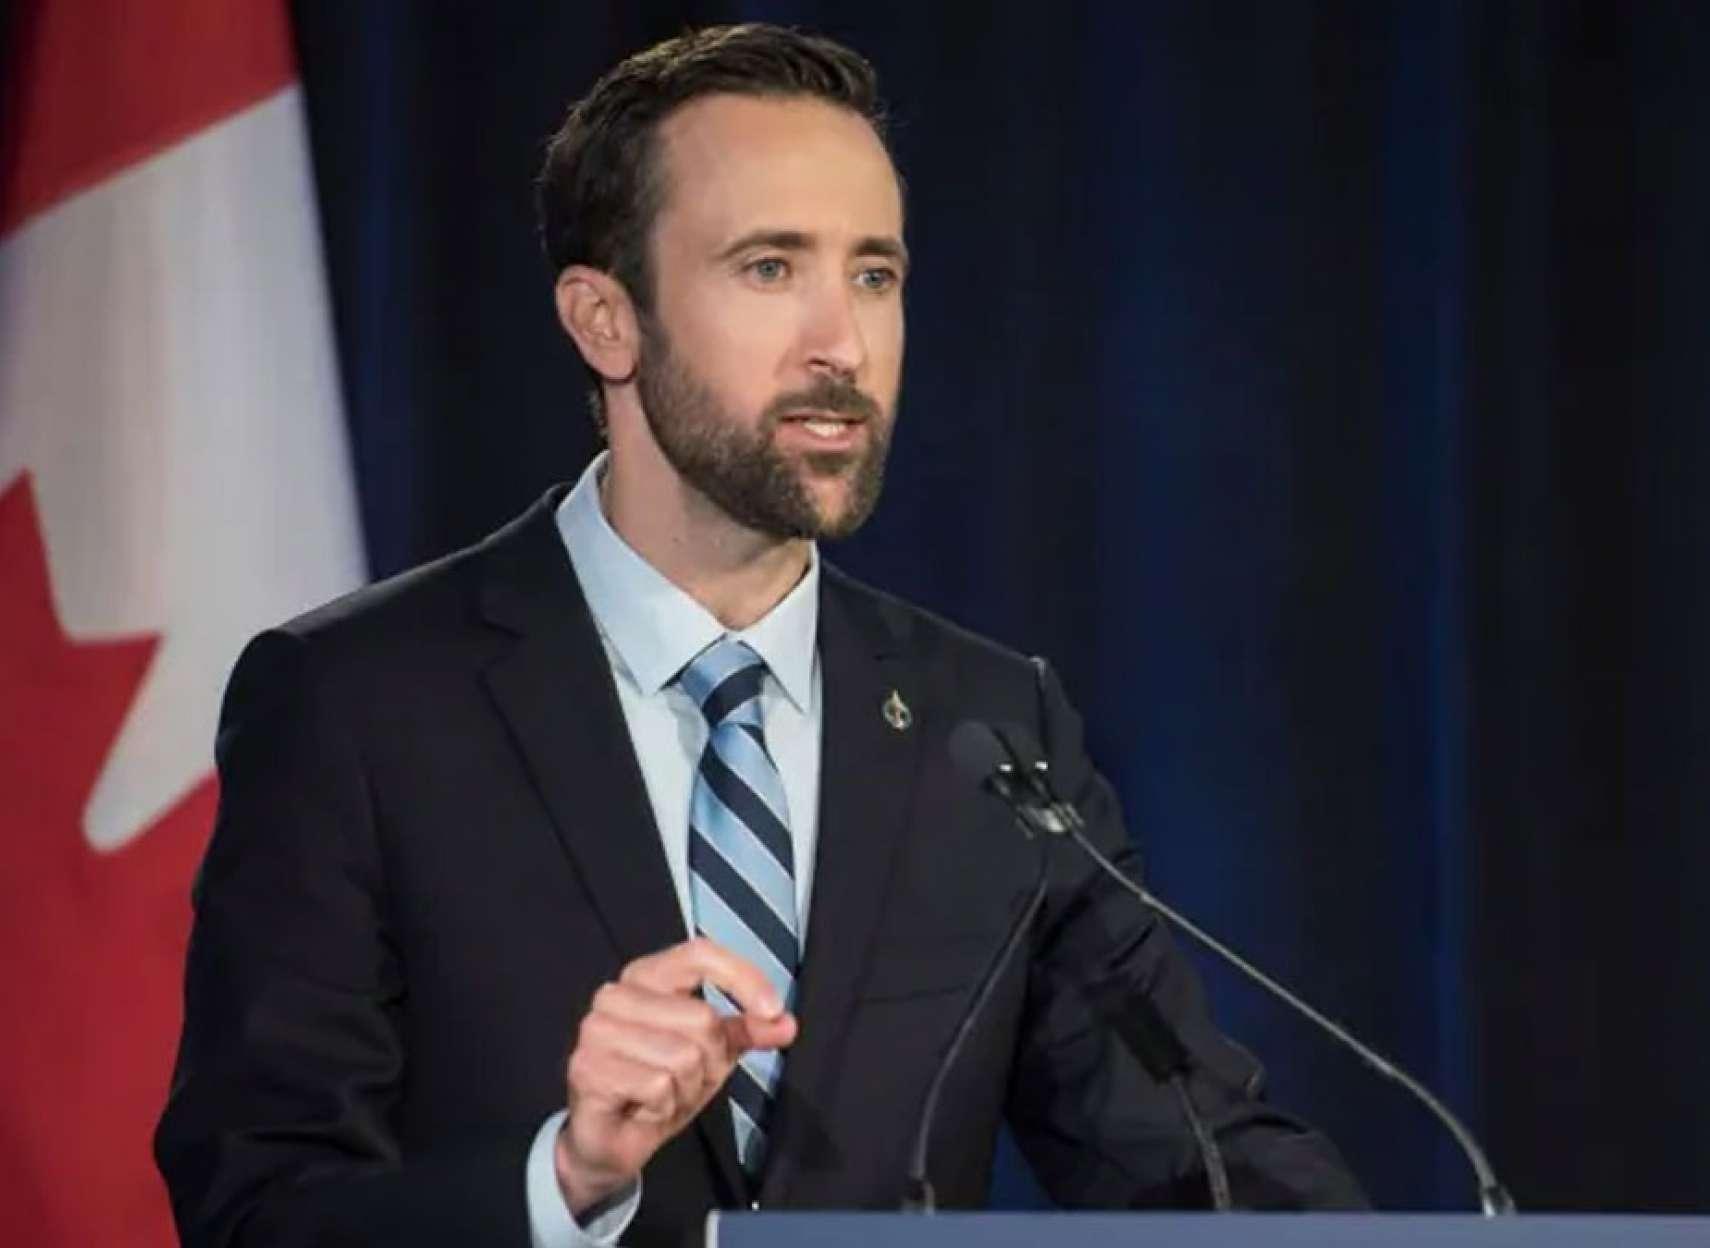 اخبار-کانادا-آیا-نماینده-محافظه-کاری-که-از-تندروهای-سفیدپوست-کمک-مالی-گرفته-اخراج-می-شود